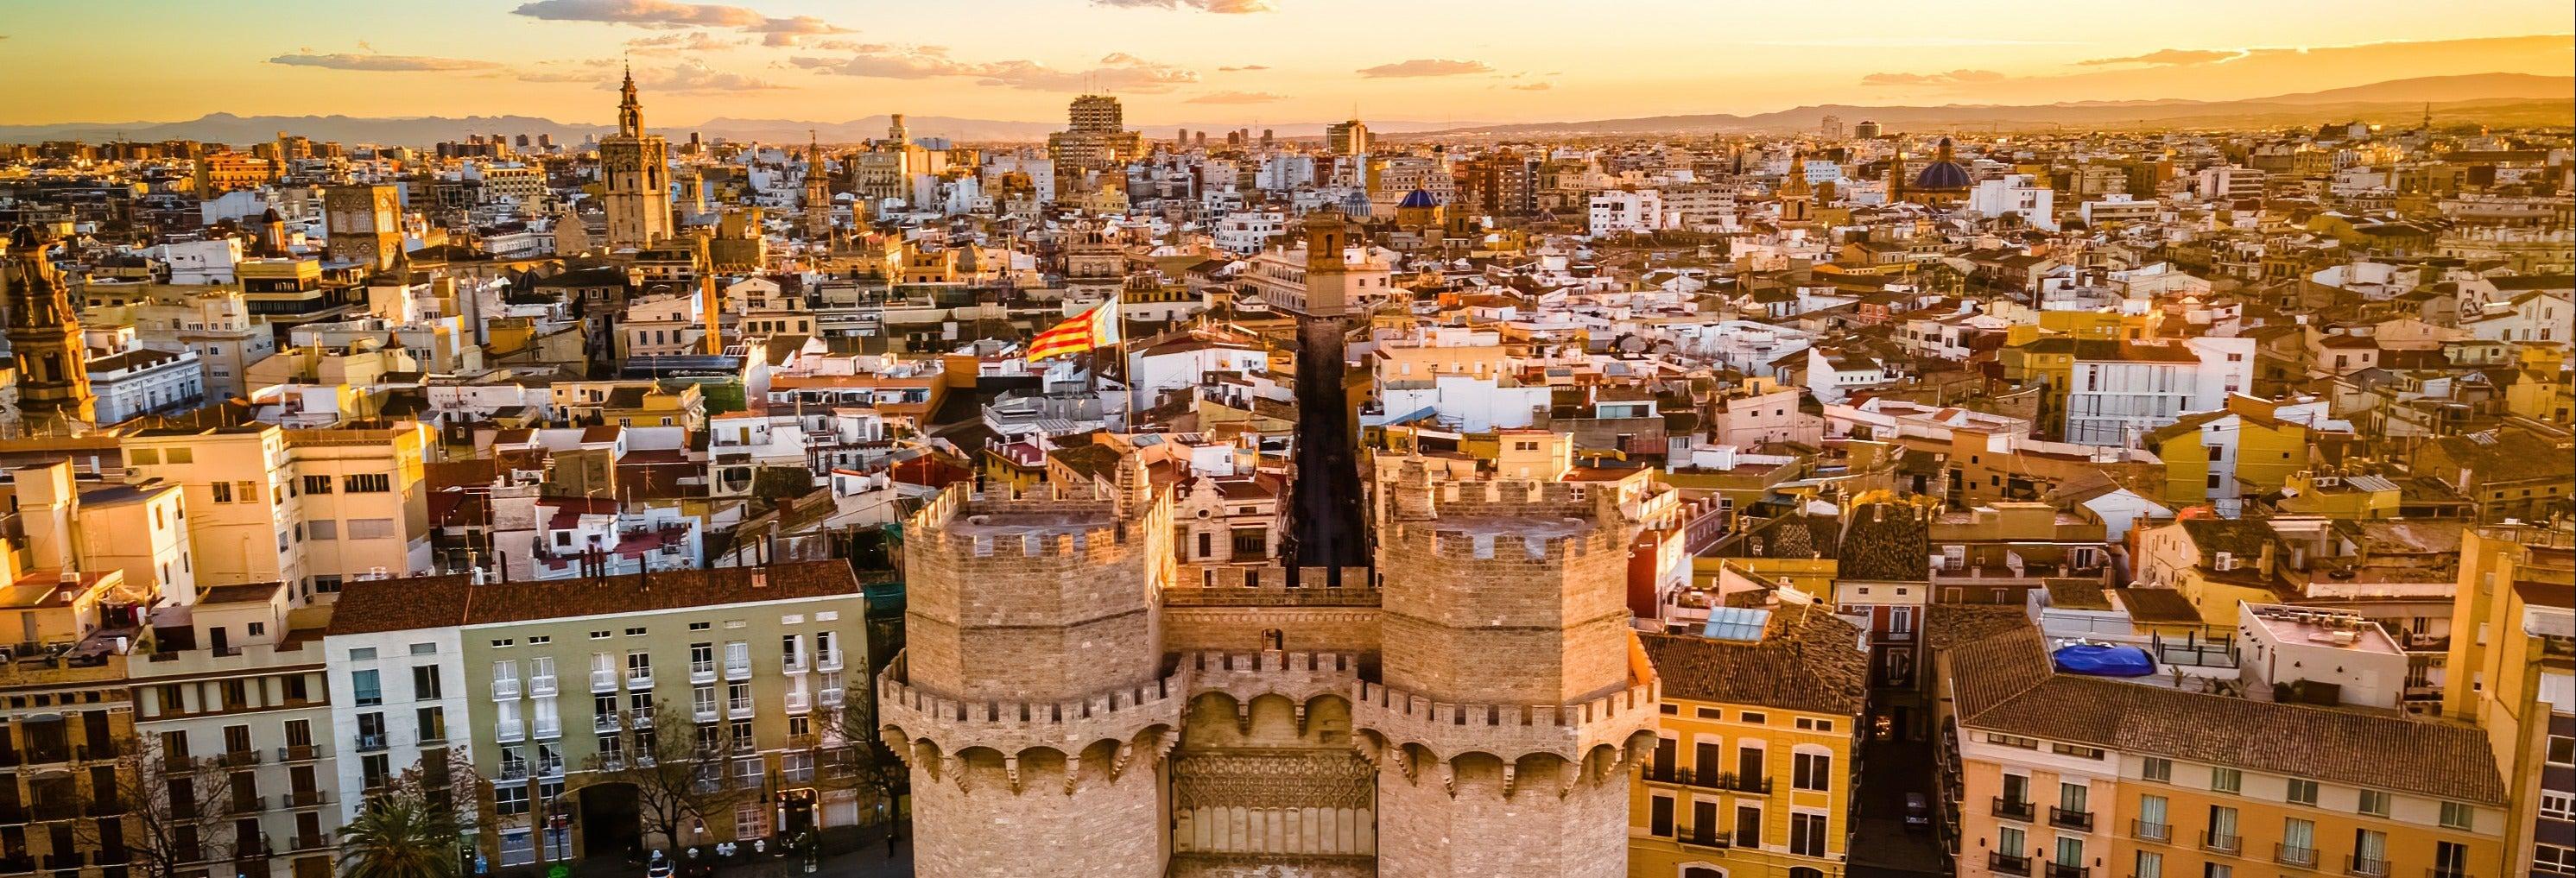 Tour del centro storico di Valencia